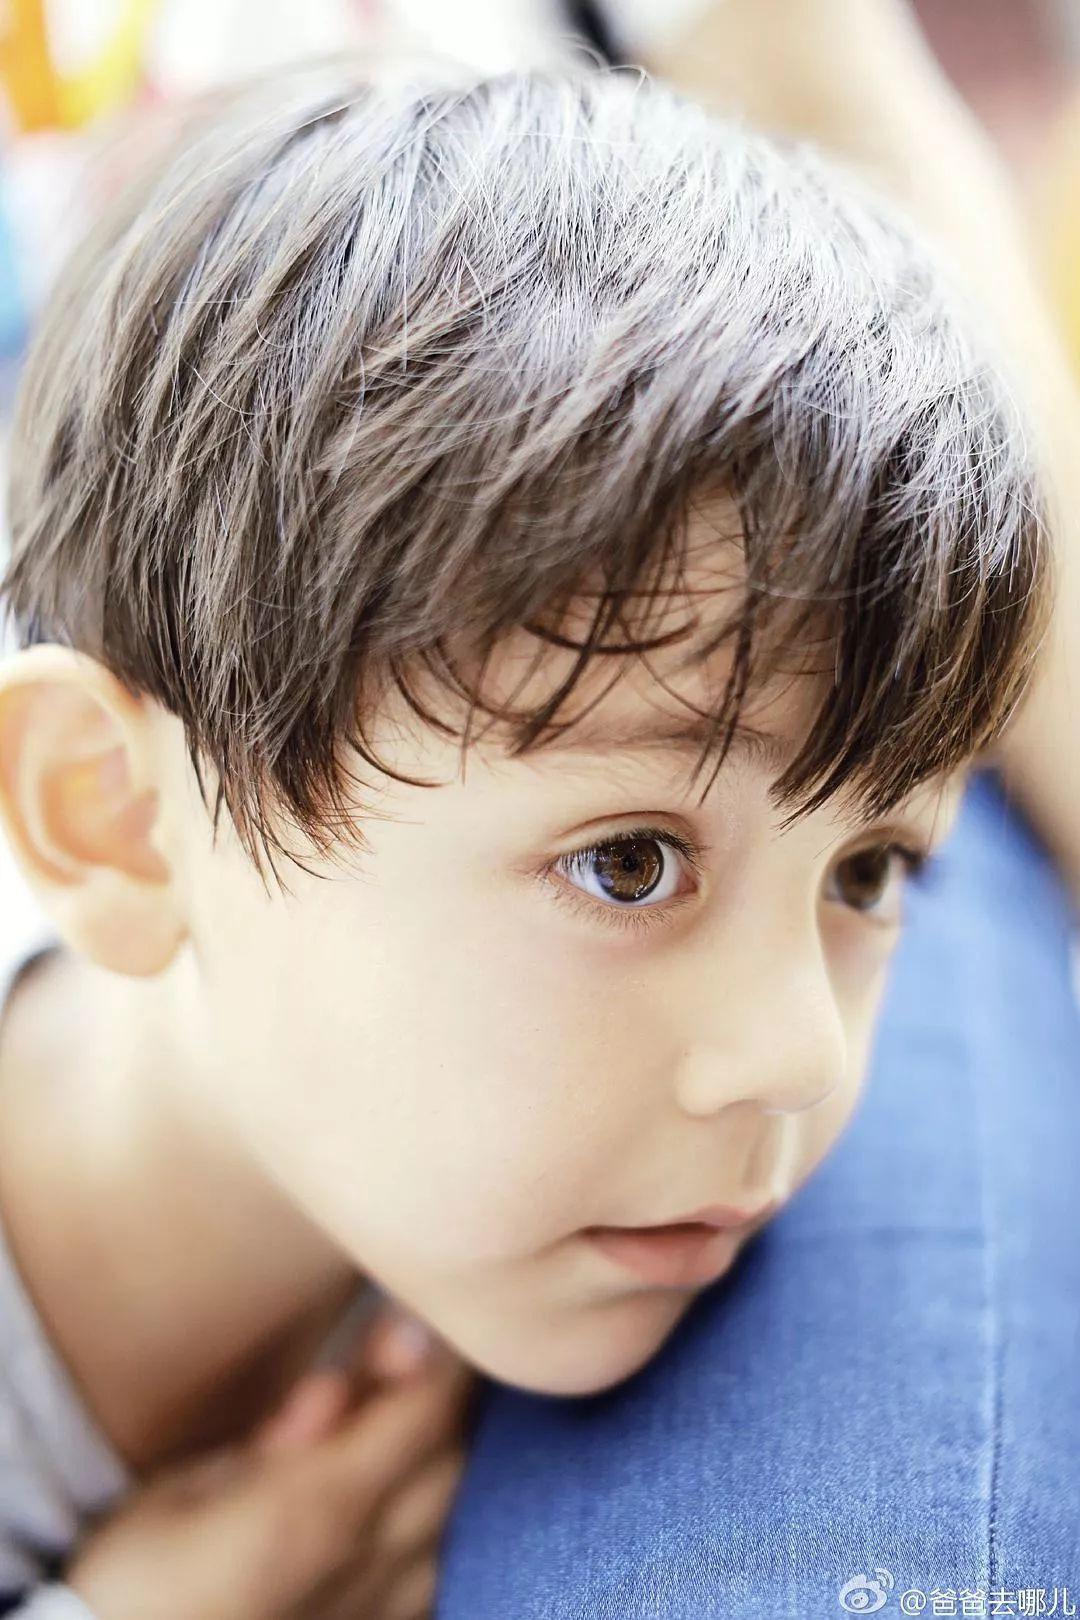 Những đứa con đẹp như thiên thần của dàn sao châu Á: Không ít bé lớn lên trong hoàn cảnh gia đình tan vỡ - Ảnh 12.